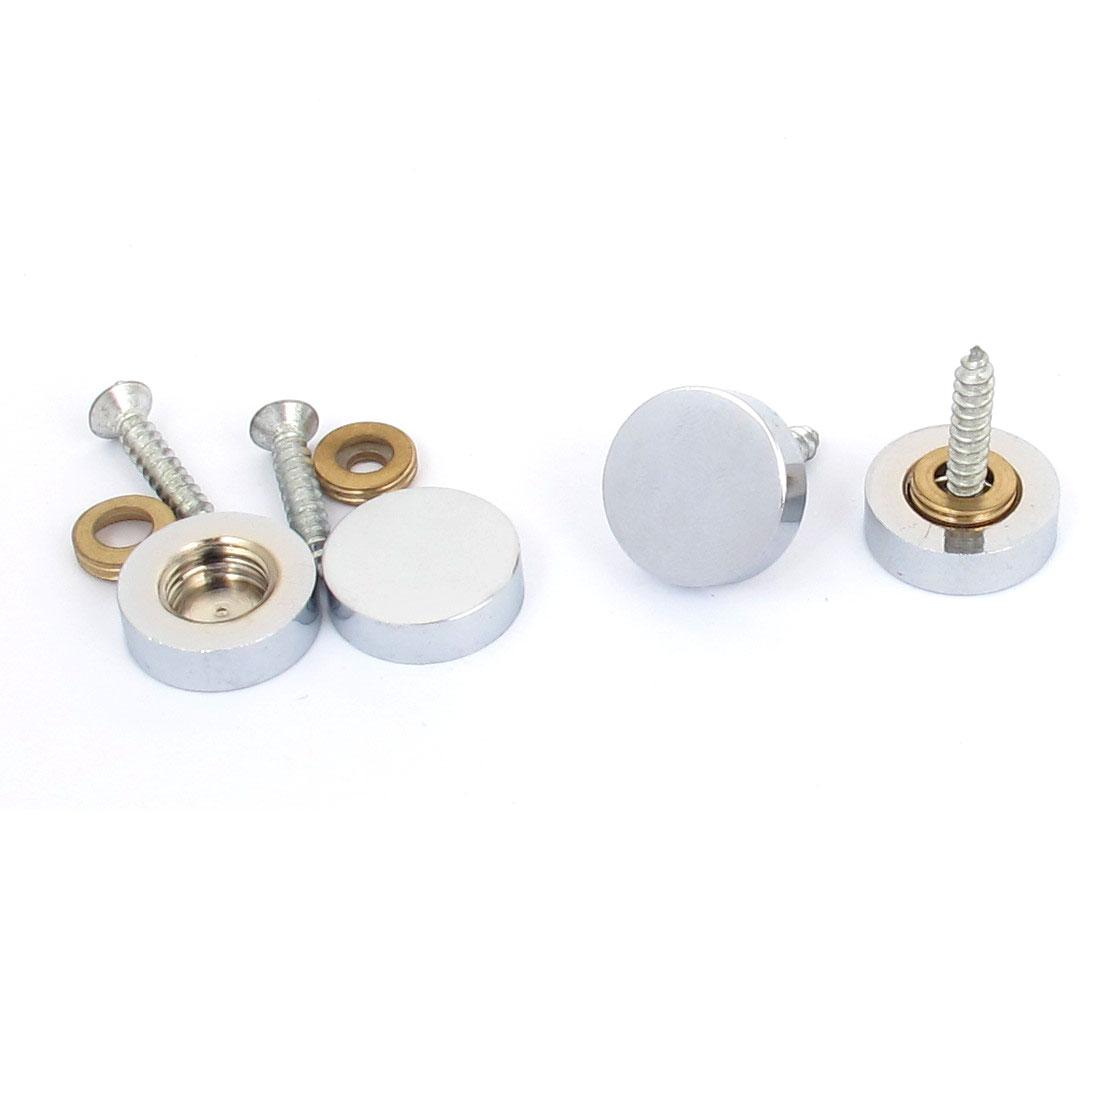 4 Pcs 12mm Dia Tea Table Decorative Screw Cap Mirror Nails Silver Tone